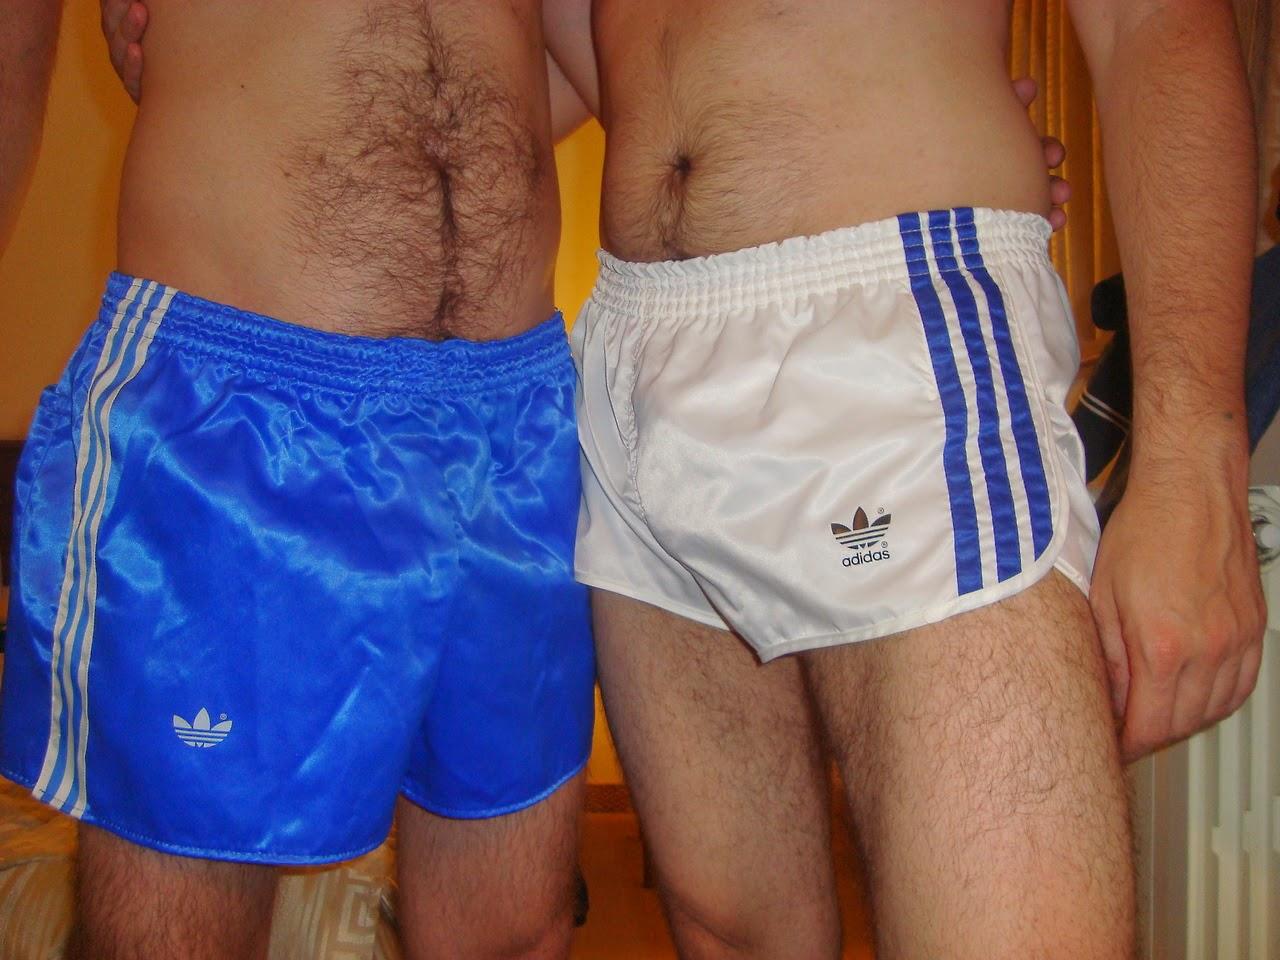 Unseen gay twinks underwear movie latino 3